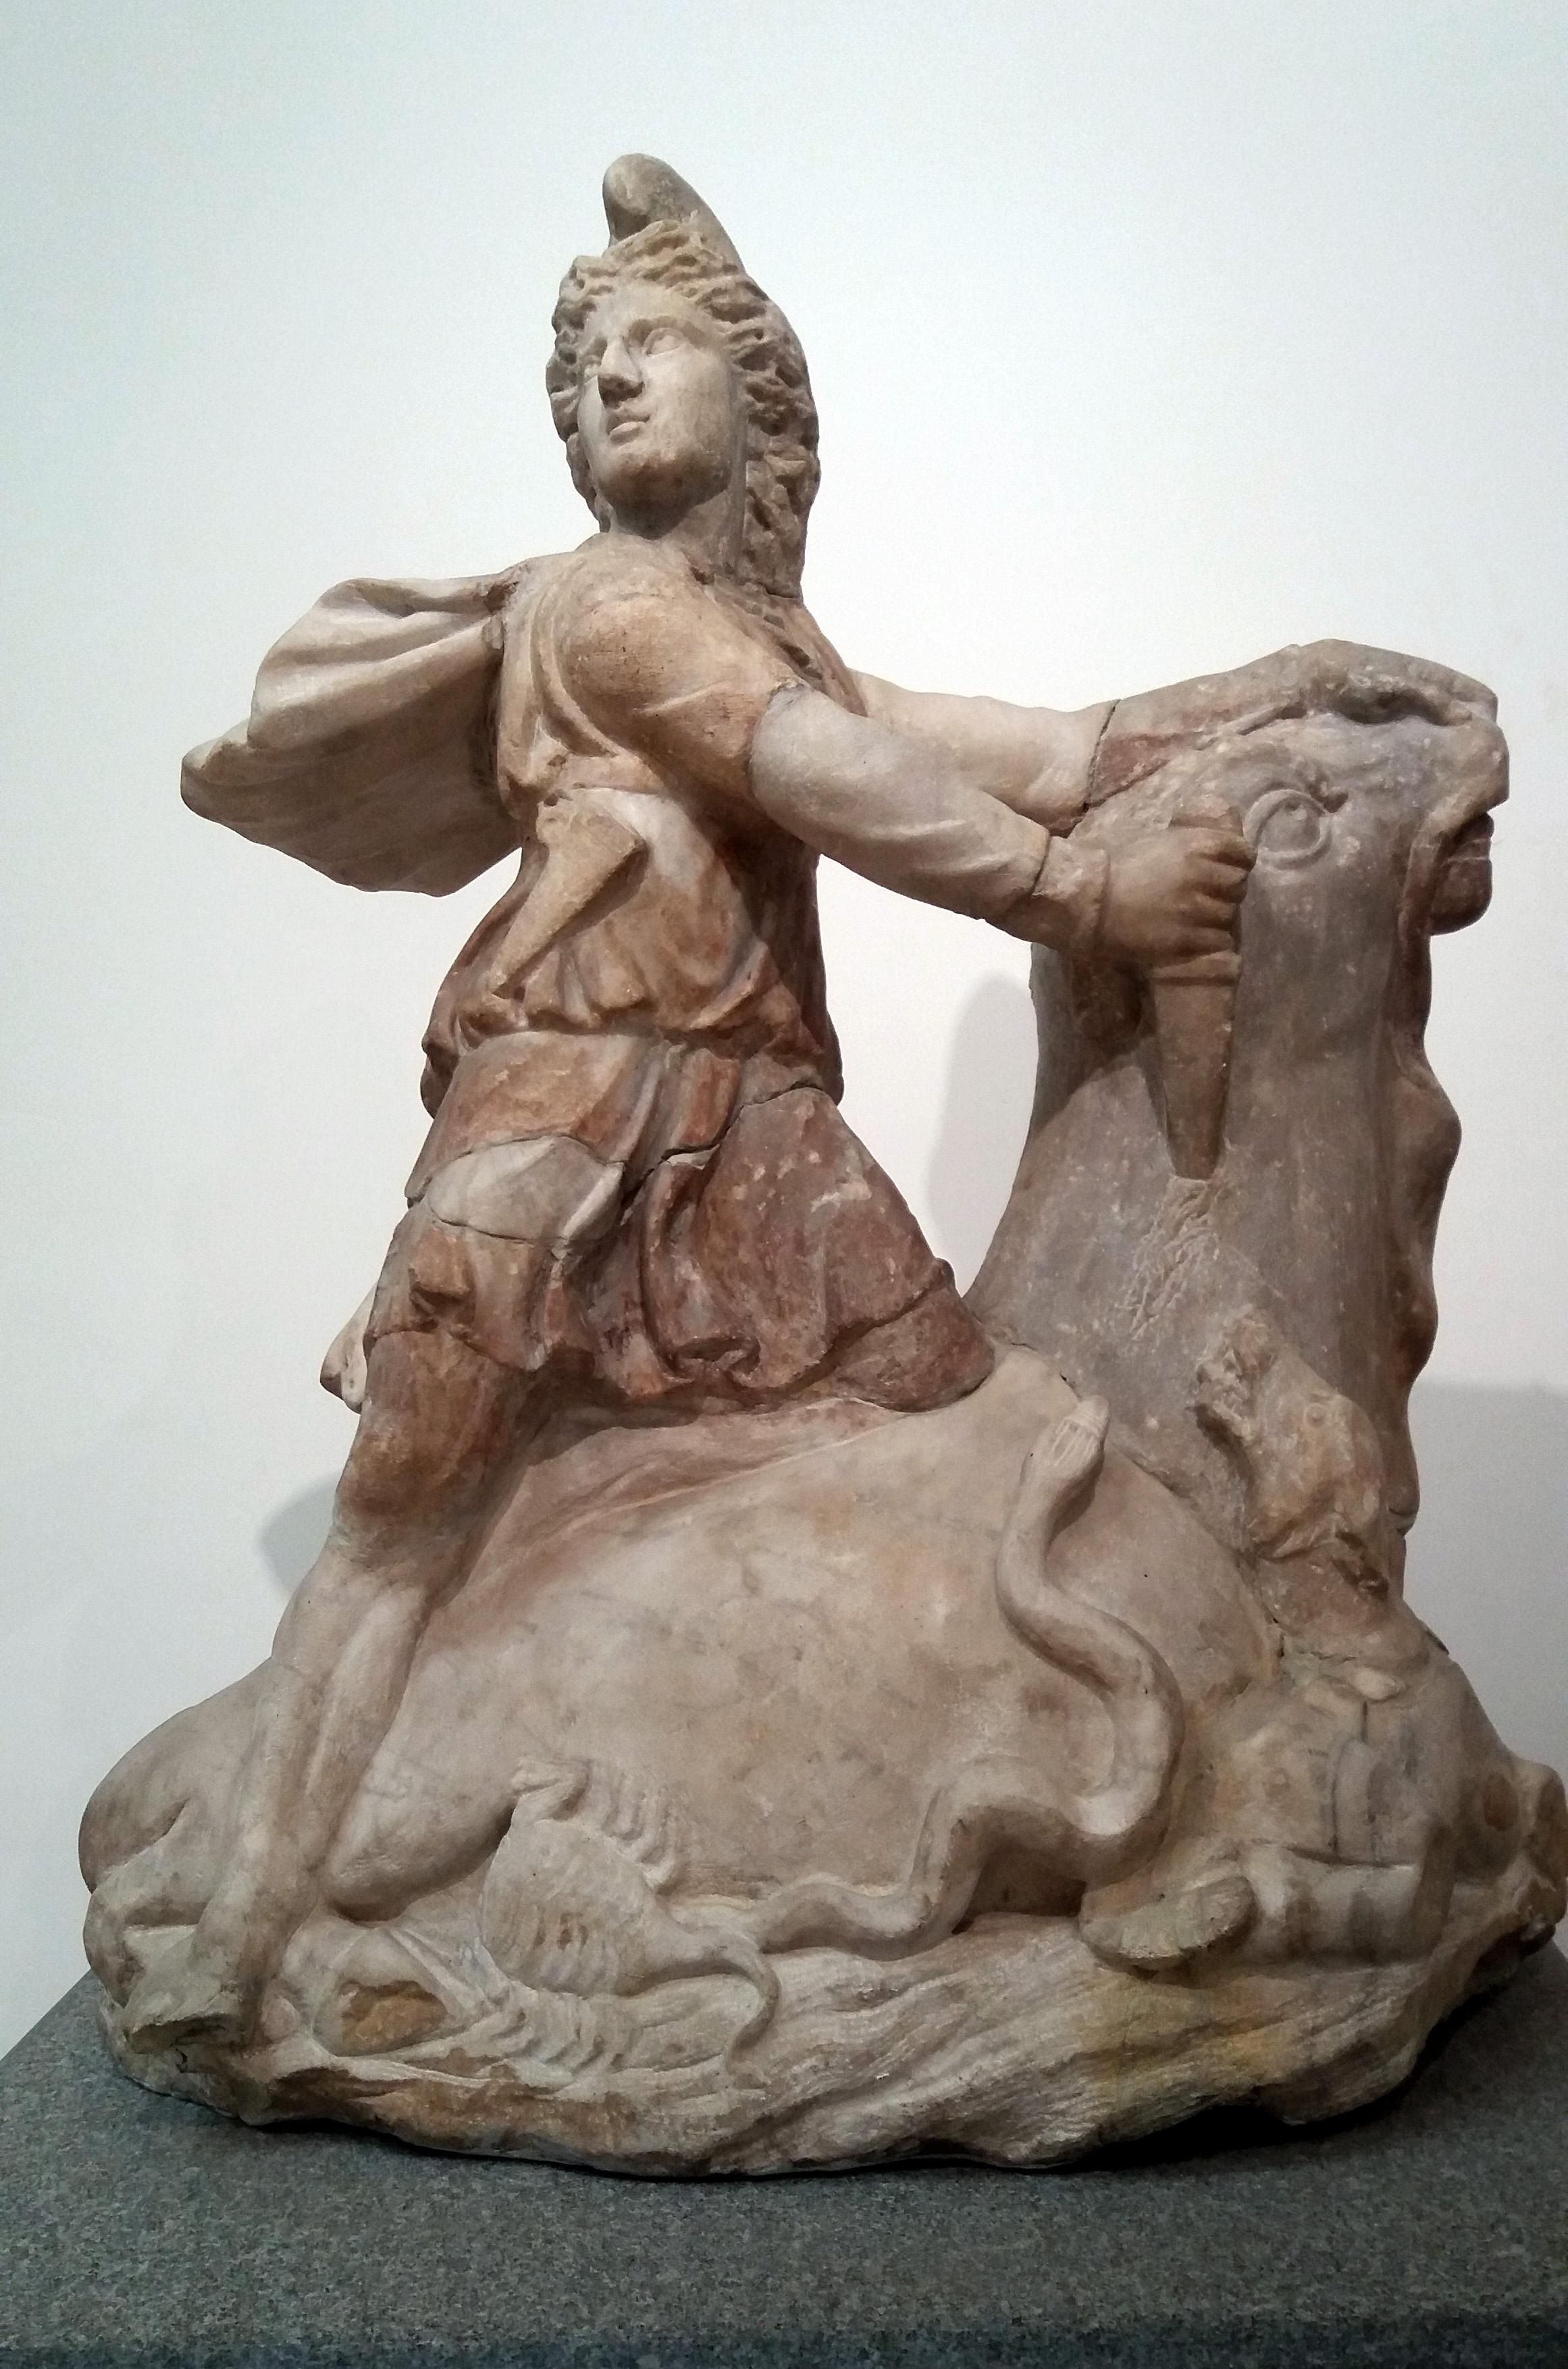 Foto 6: Mithrast kujutav skulptuur Castra Peregrinorumi mithraeum'ist (Rooma), Rooma Rahvusmuuseum (foto: Jaan Lahe).